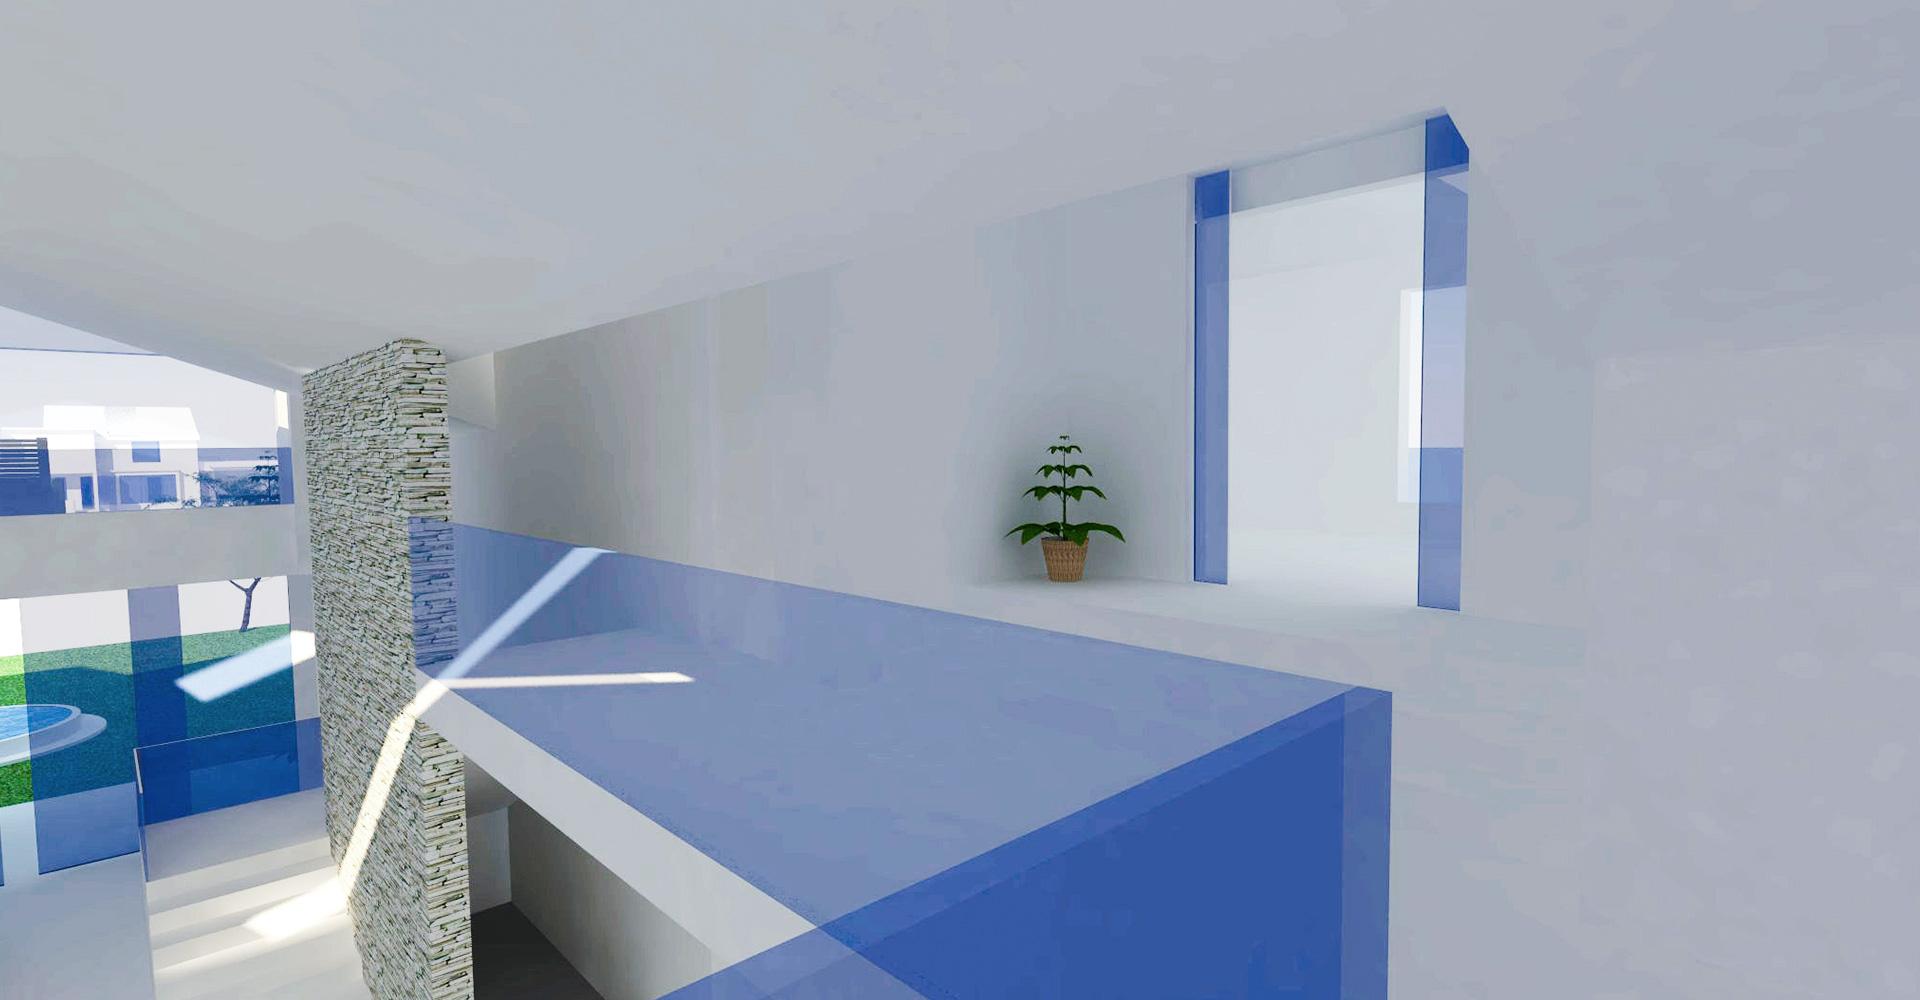 Residential-Interior-Design-Hiline-Lahore-portfolio-65J-DHA-EME-05 (34)